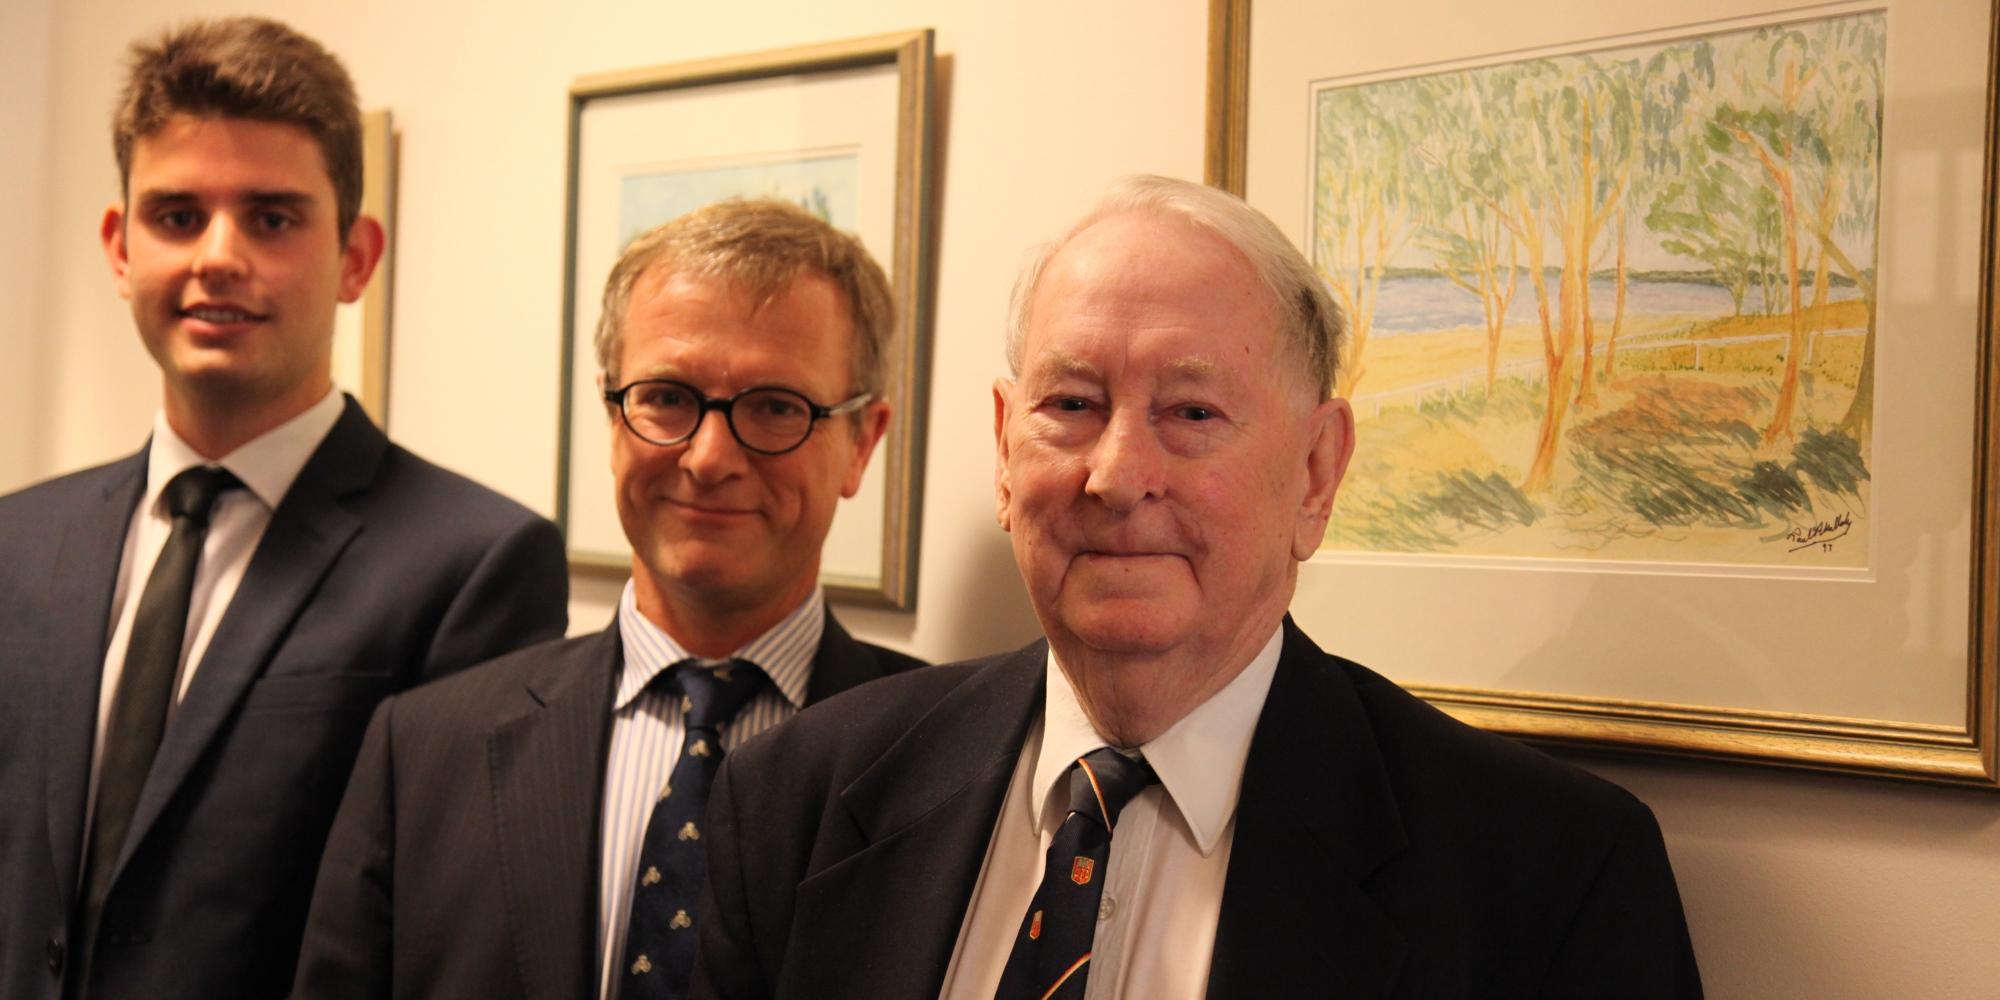 Gerard Twomey, His Hon Judge Gerard Mullaly and His Hon Paul Mullaly